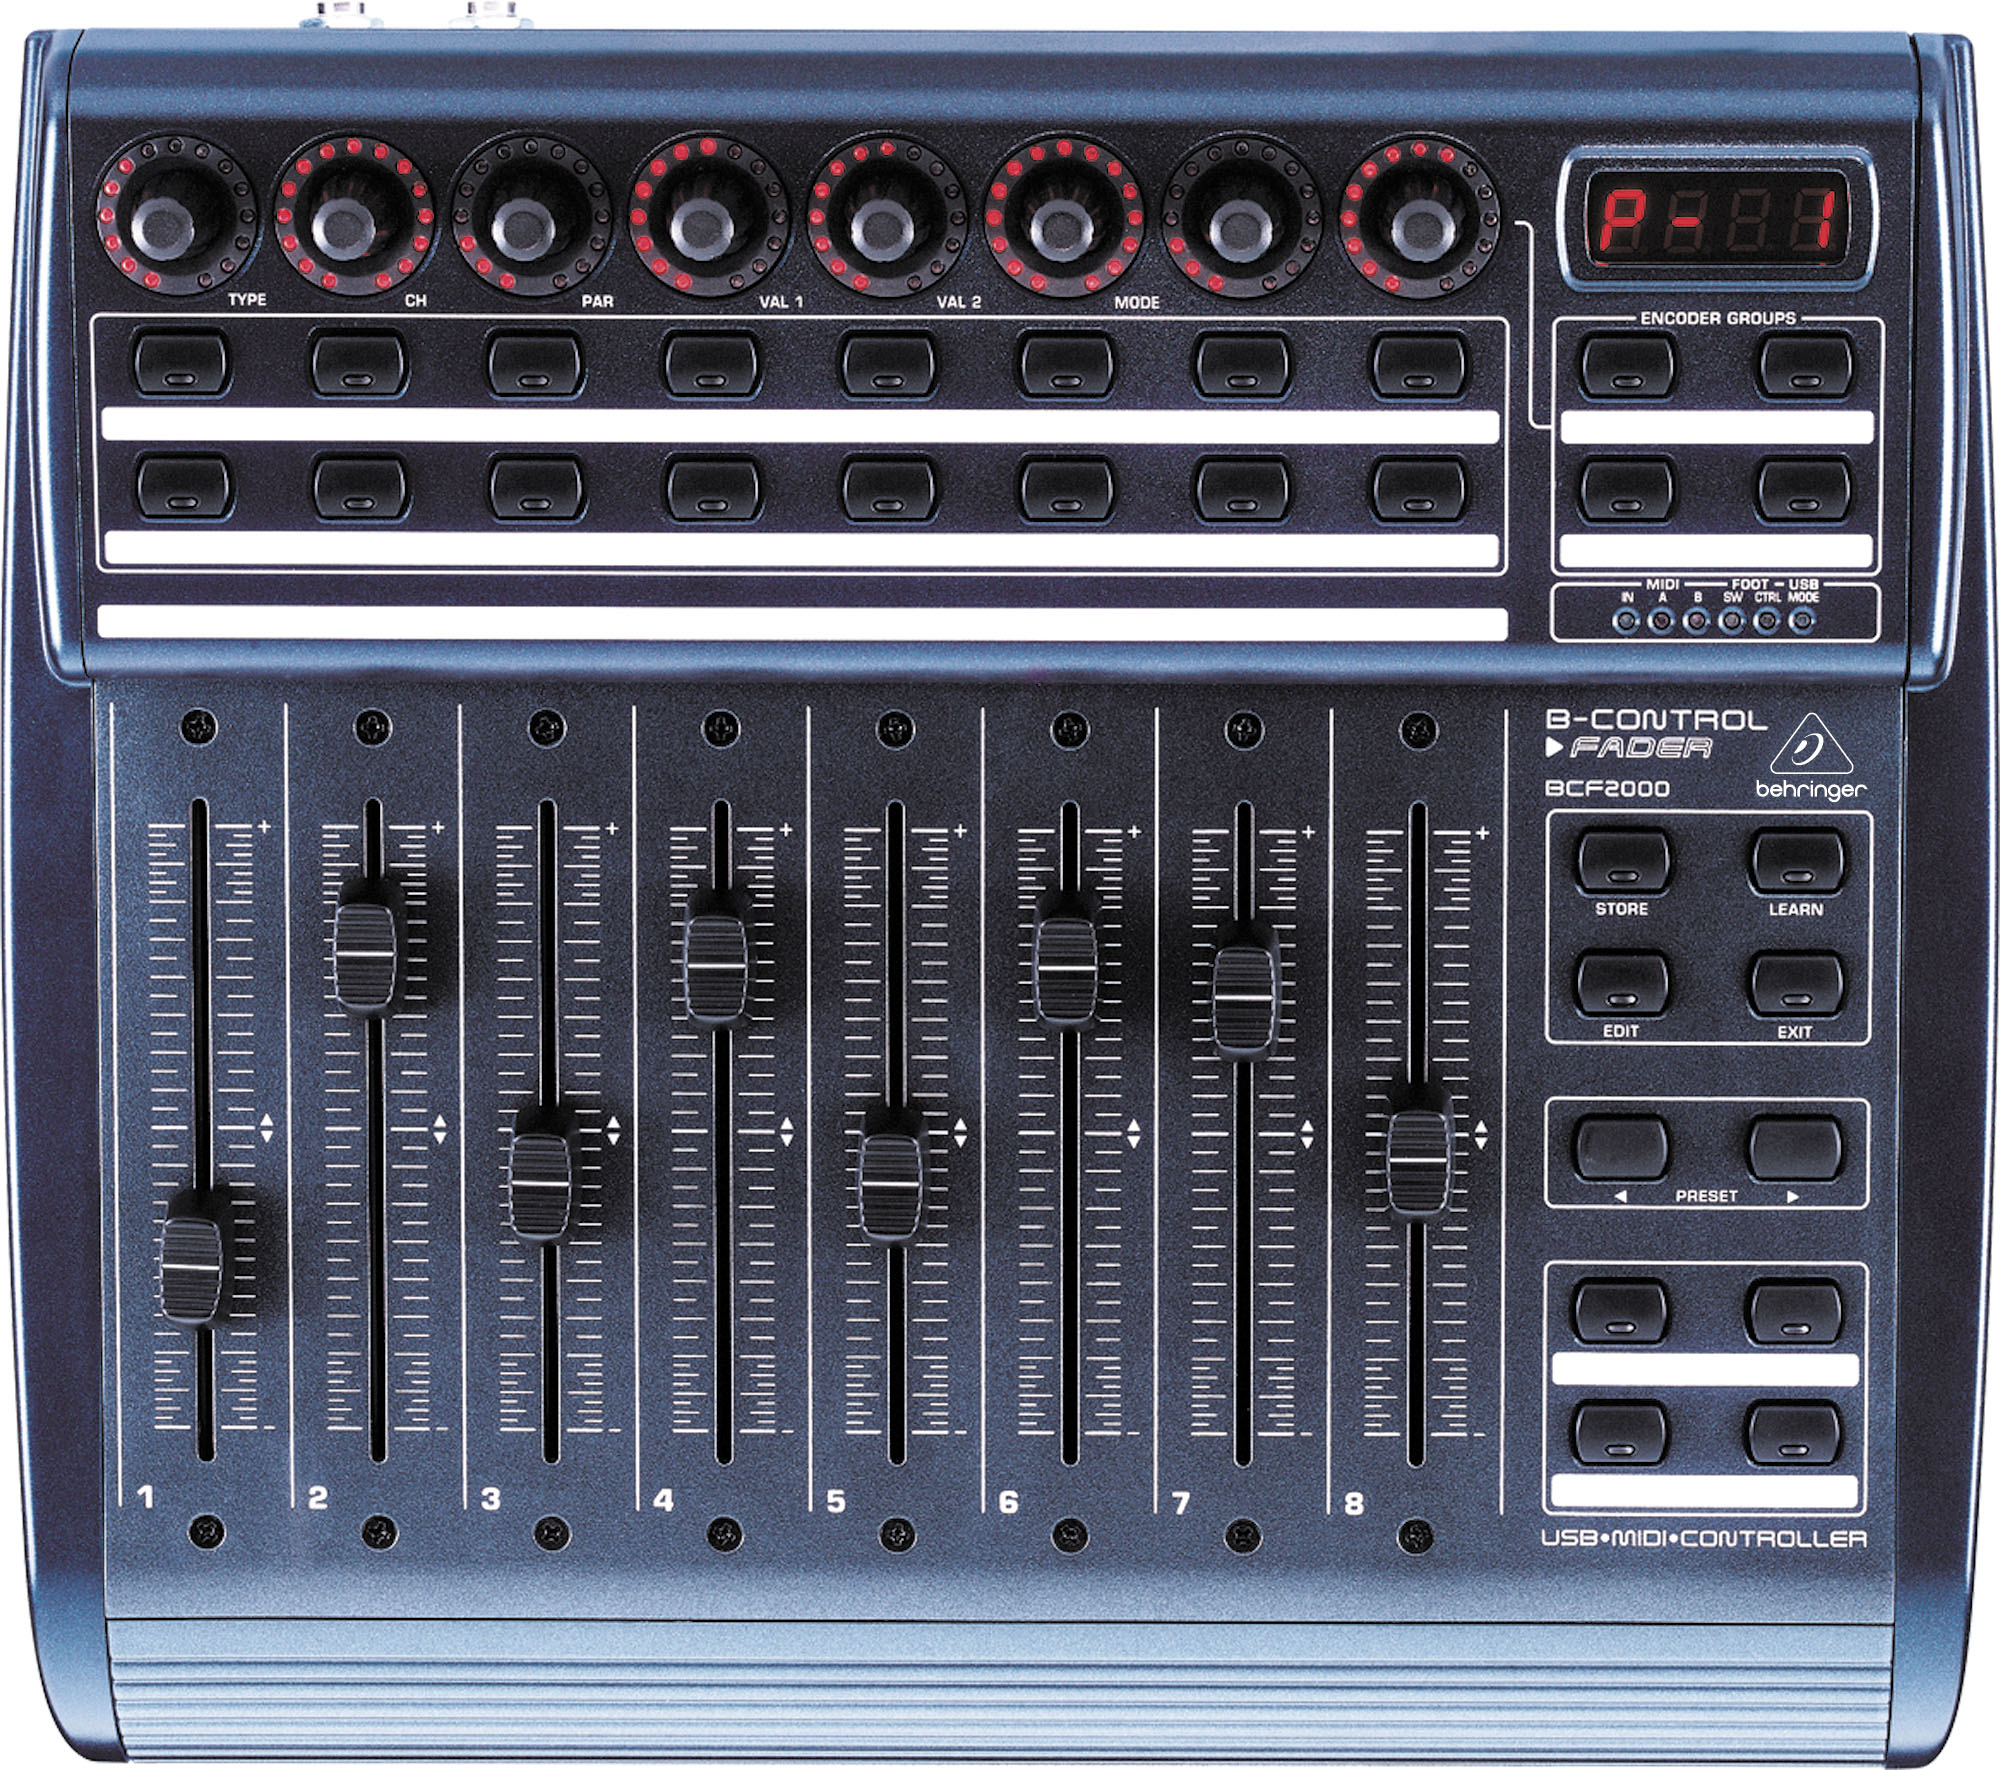 La BCF2000 de Behringer, première interface MIDI abordable intégrant des faders motorisés.